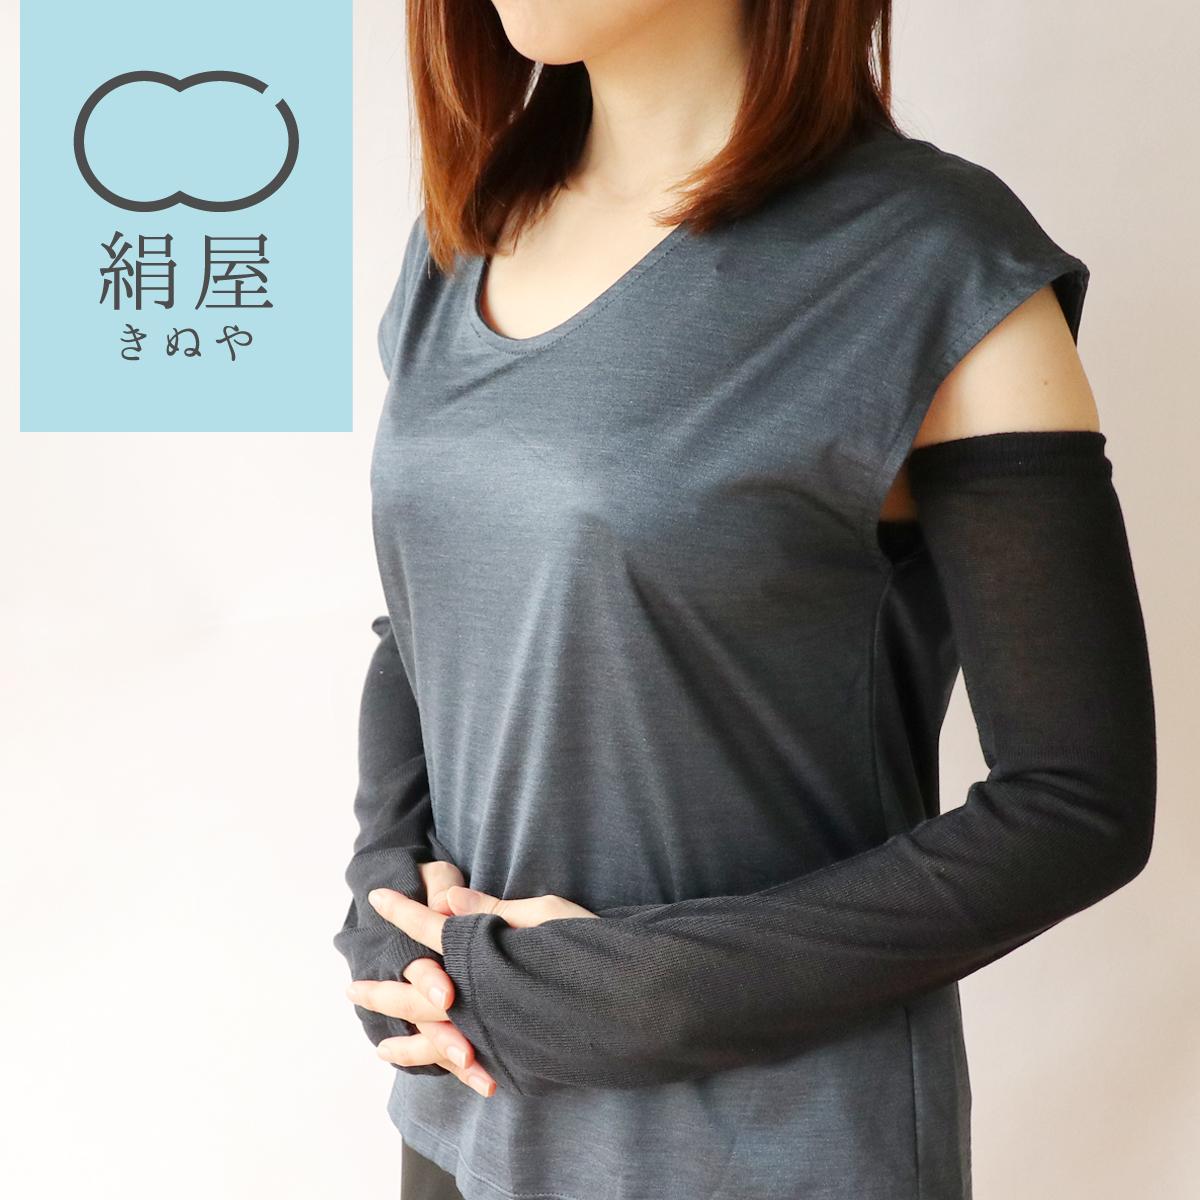 毎年人気のアームカバーが改良されました 編みたてる機械 糸を変えた新デザインです お肌に当たる面がシルクになり より優しい付け心地になりました UV アームカバー 贈与 シルク レディース 爆買い送料無料 女性用 アームウォーマー ギフト 日本製 日焼け 紫外線 手袋 対策 母の日 uv プレゼント 絹屋